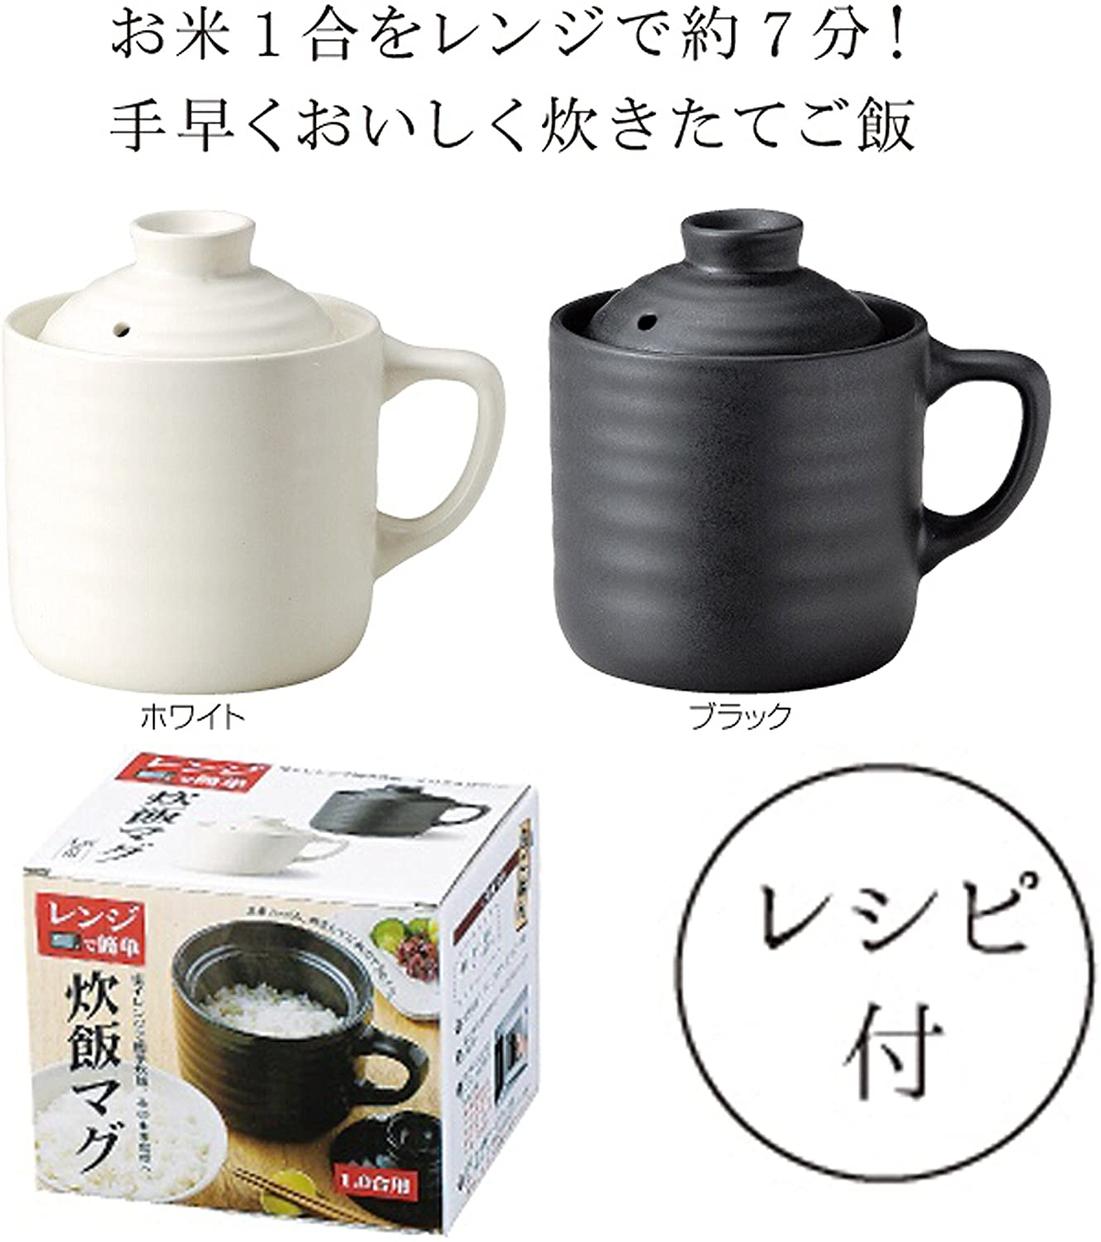 丸辰(MARUTATSU) レンジで簡単 炊飯マグの商品画像2